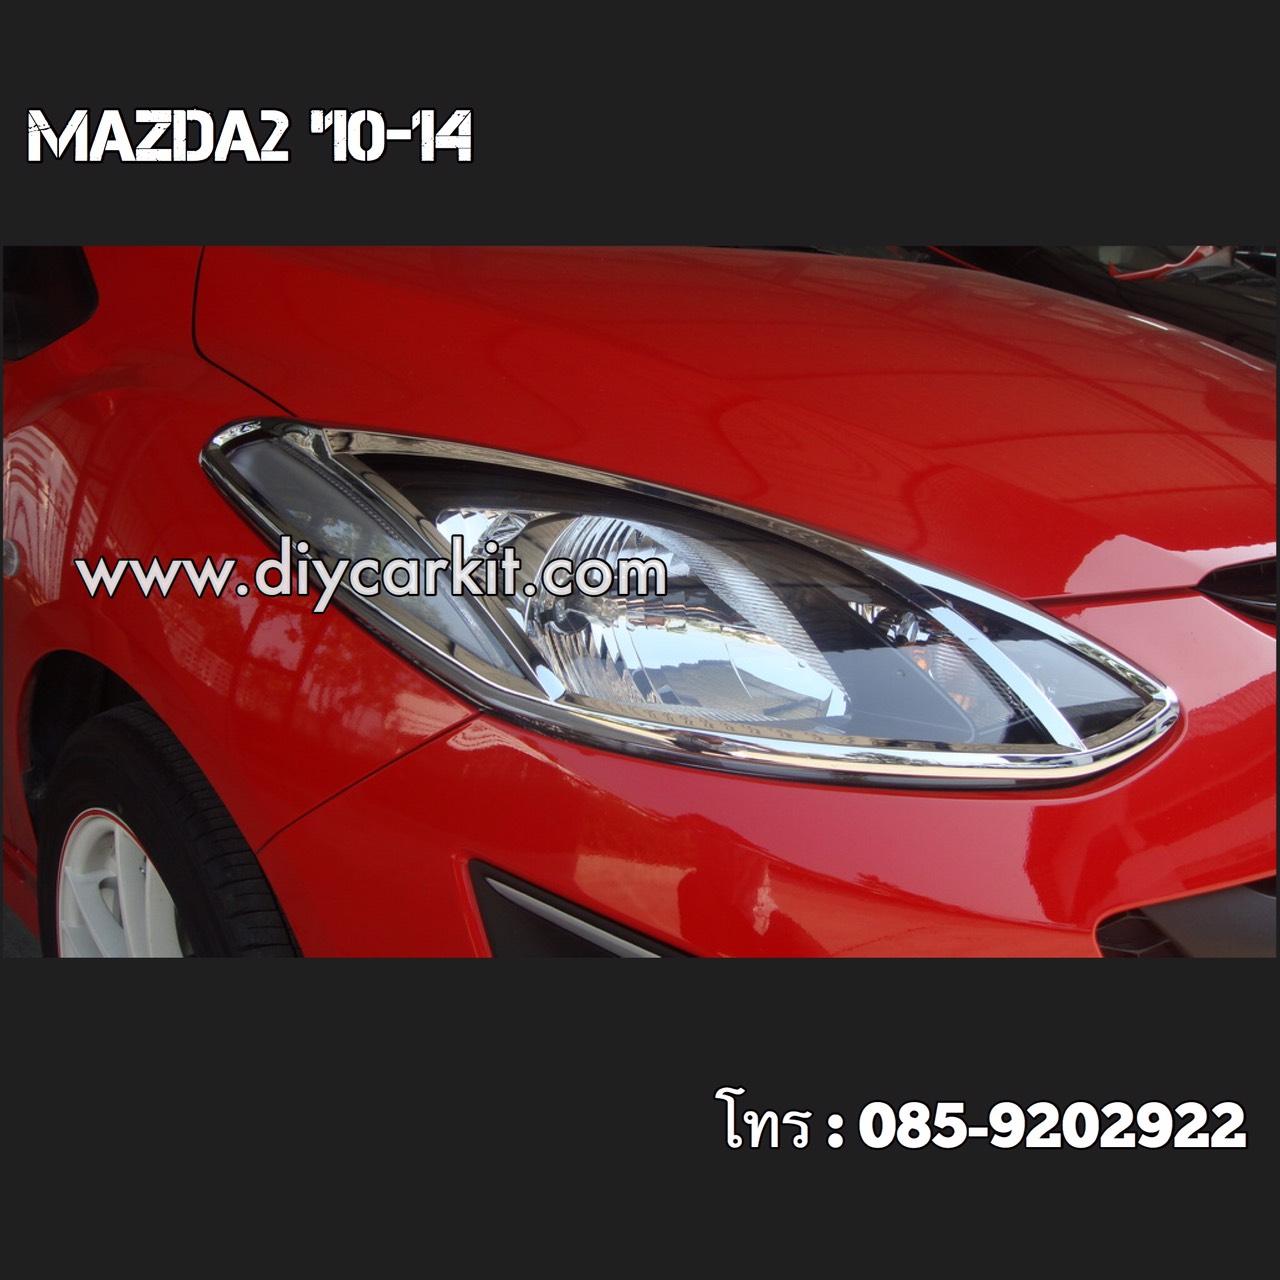 ครอบไฟหน้า Mazda2